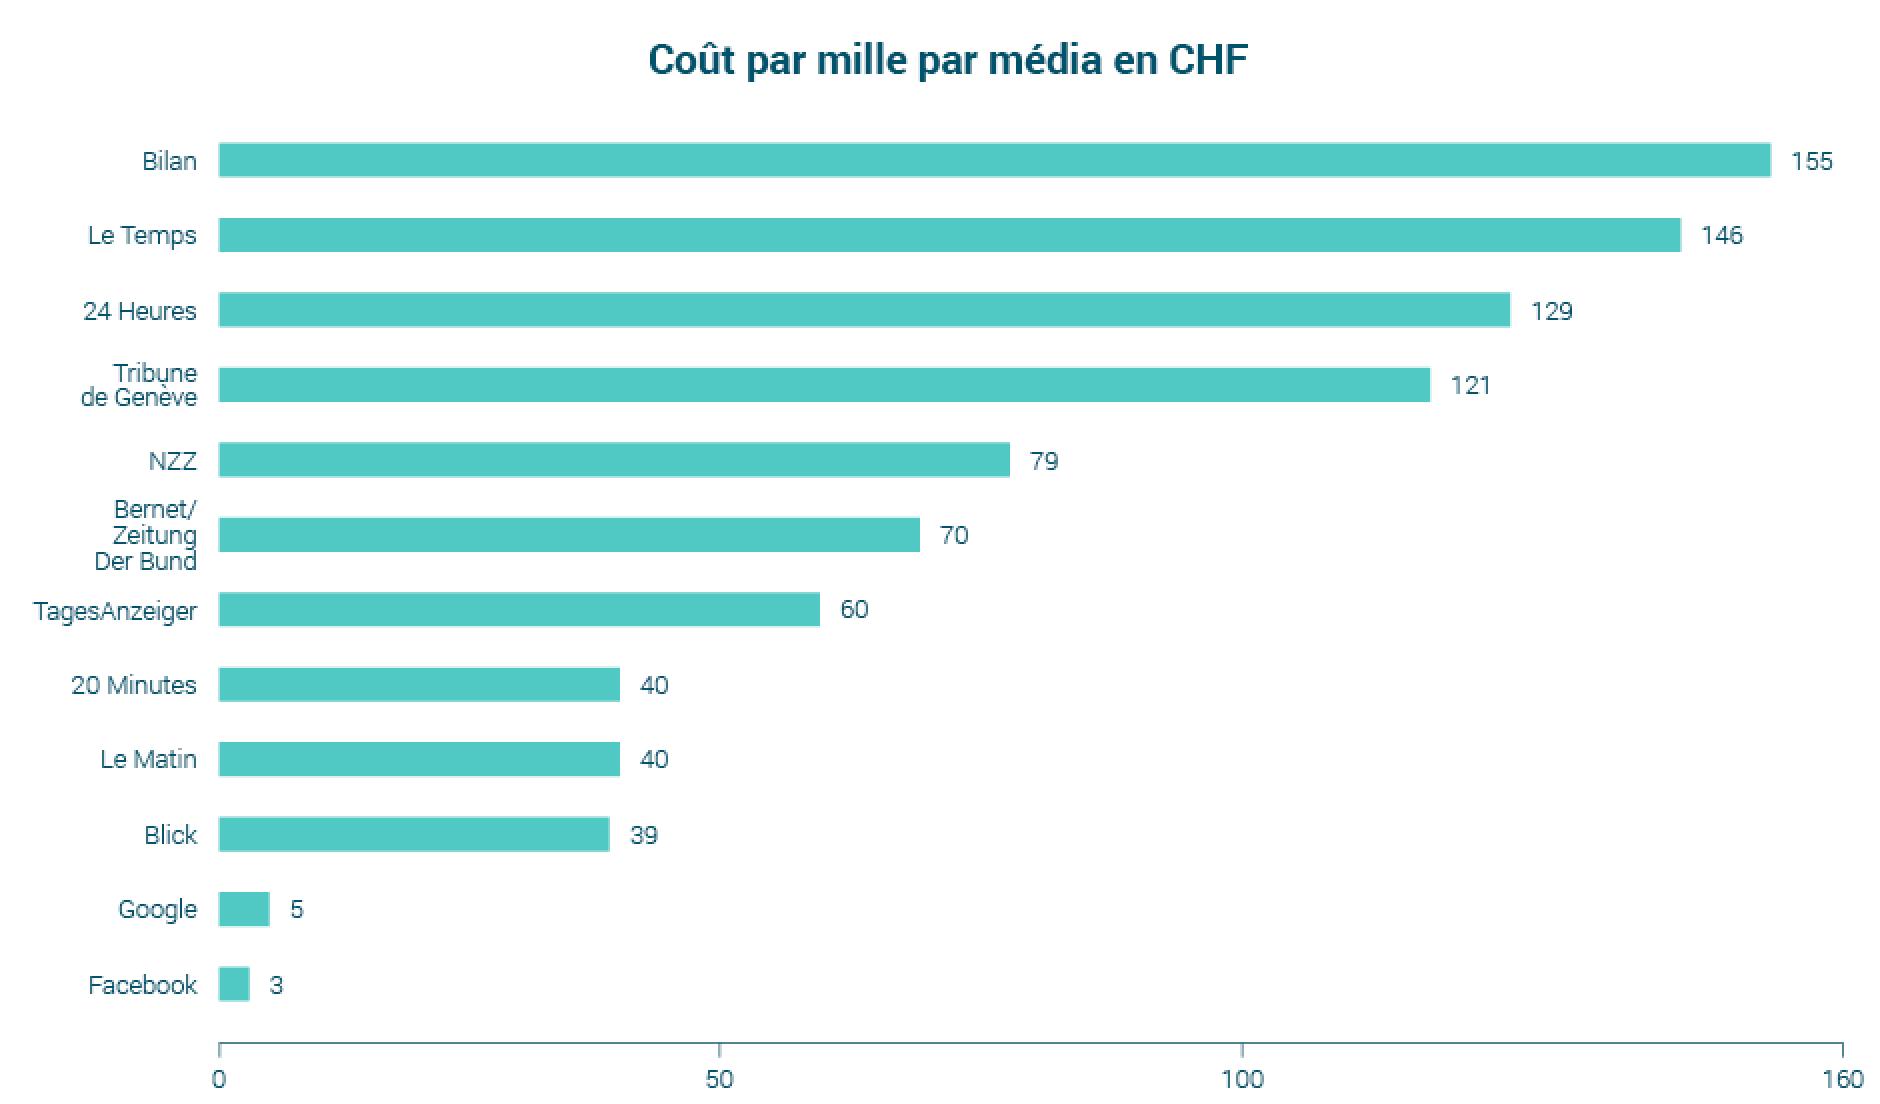 coûts par mille par médias